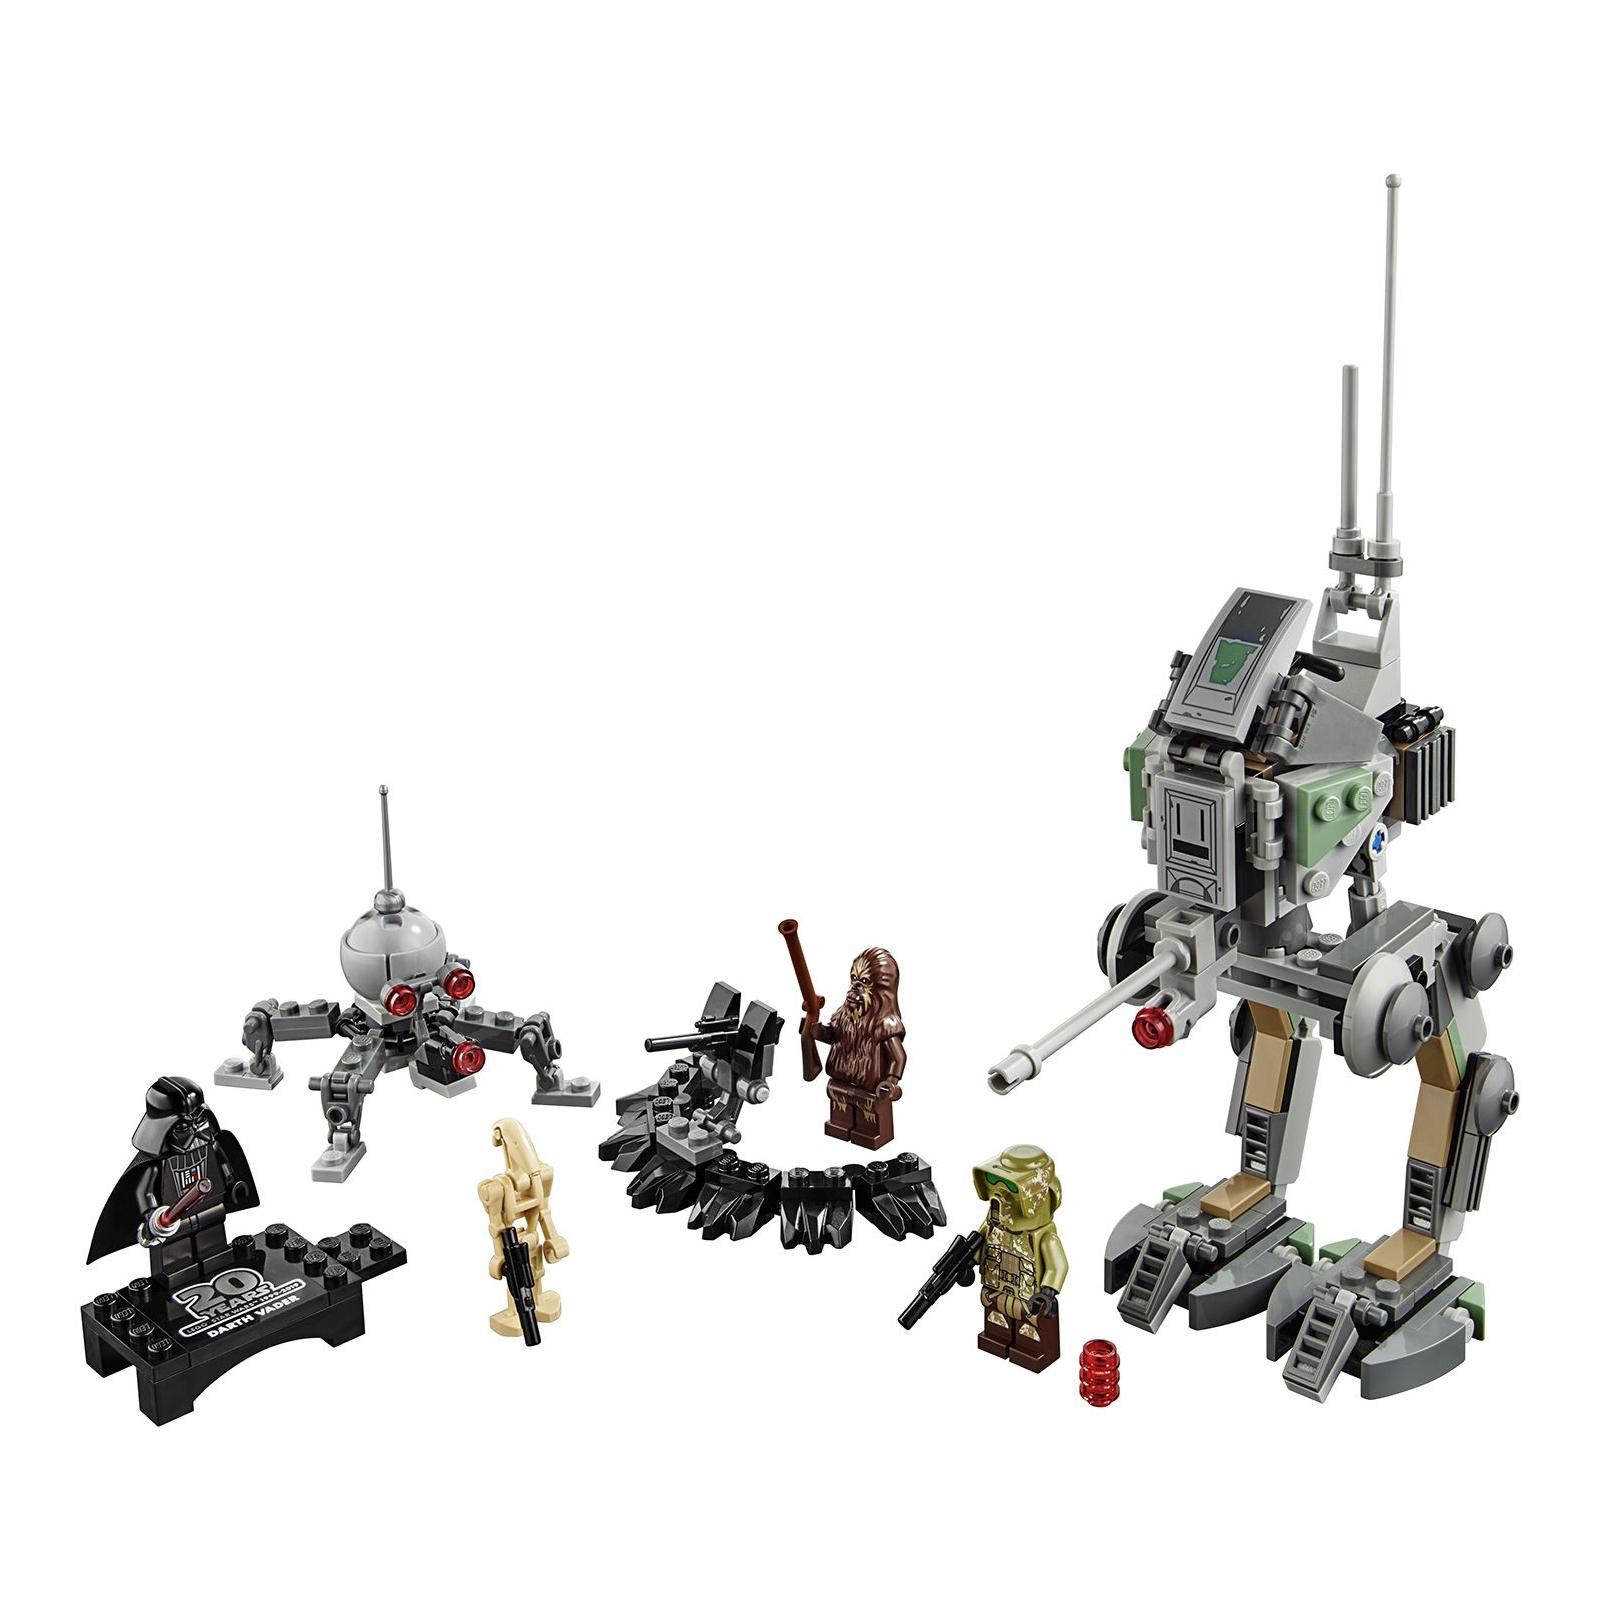 Конструктор LEGO Star Wars Шагоход-разведчик клонов (75261) изображение 2